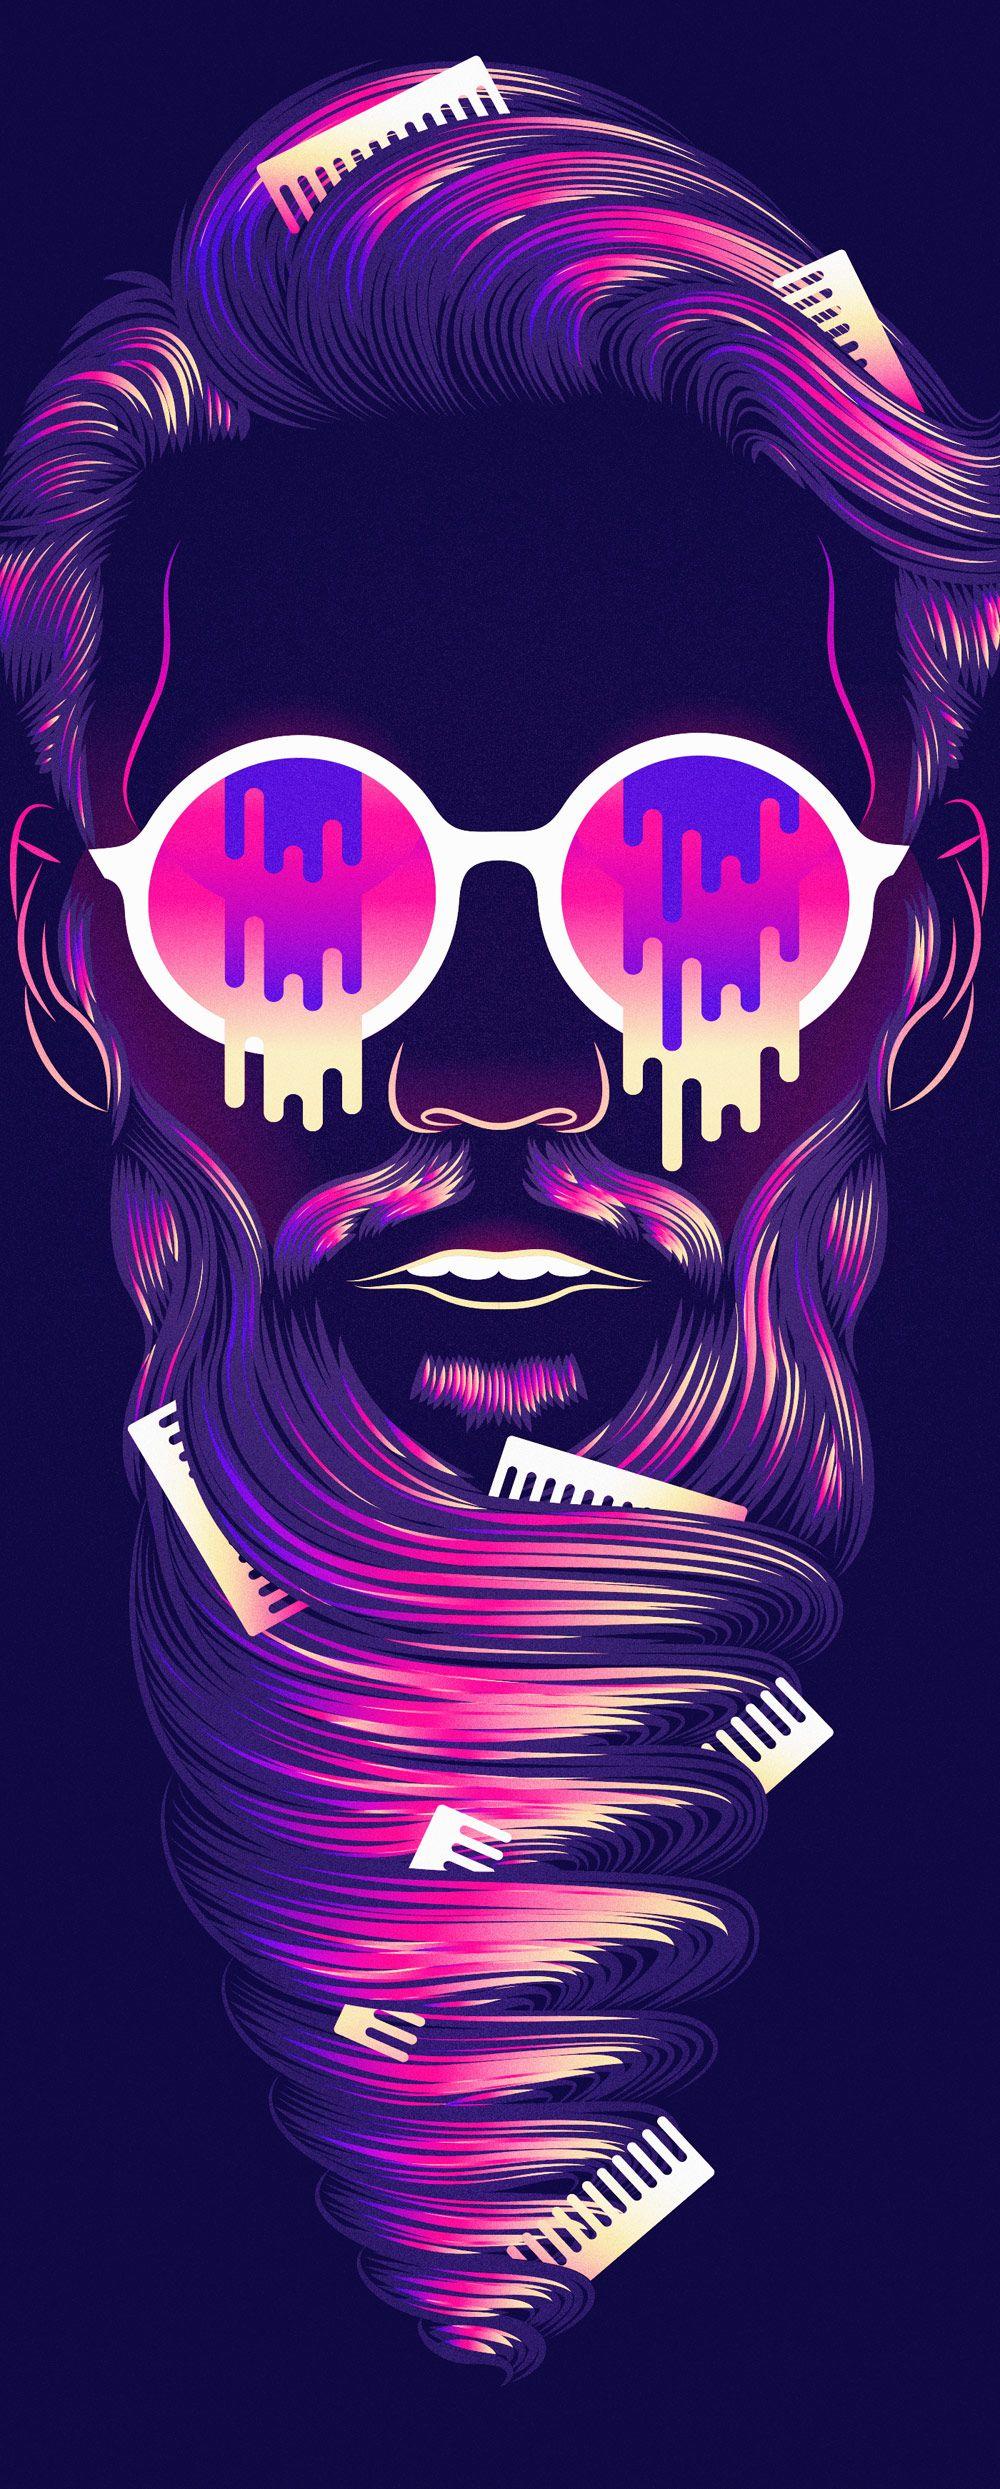 Patrick Seymour dibuja con las dos manos | Blog de diseño gráfico y creatividad.